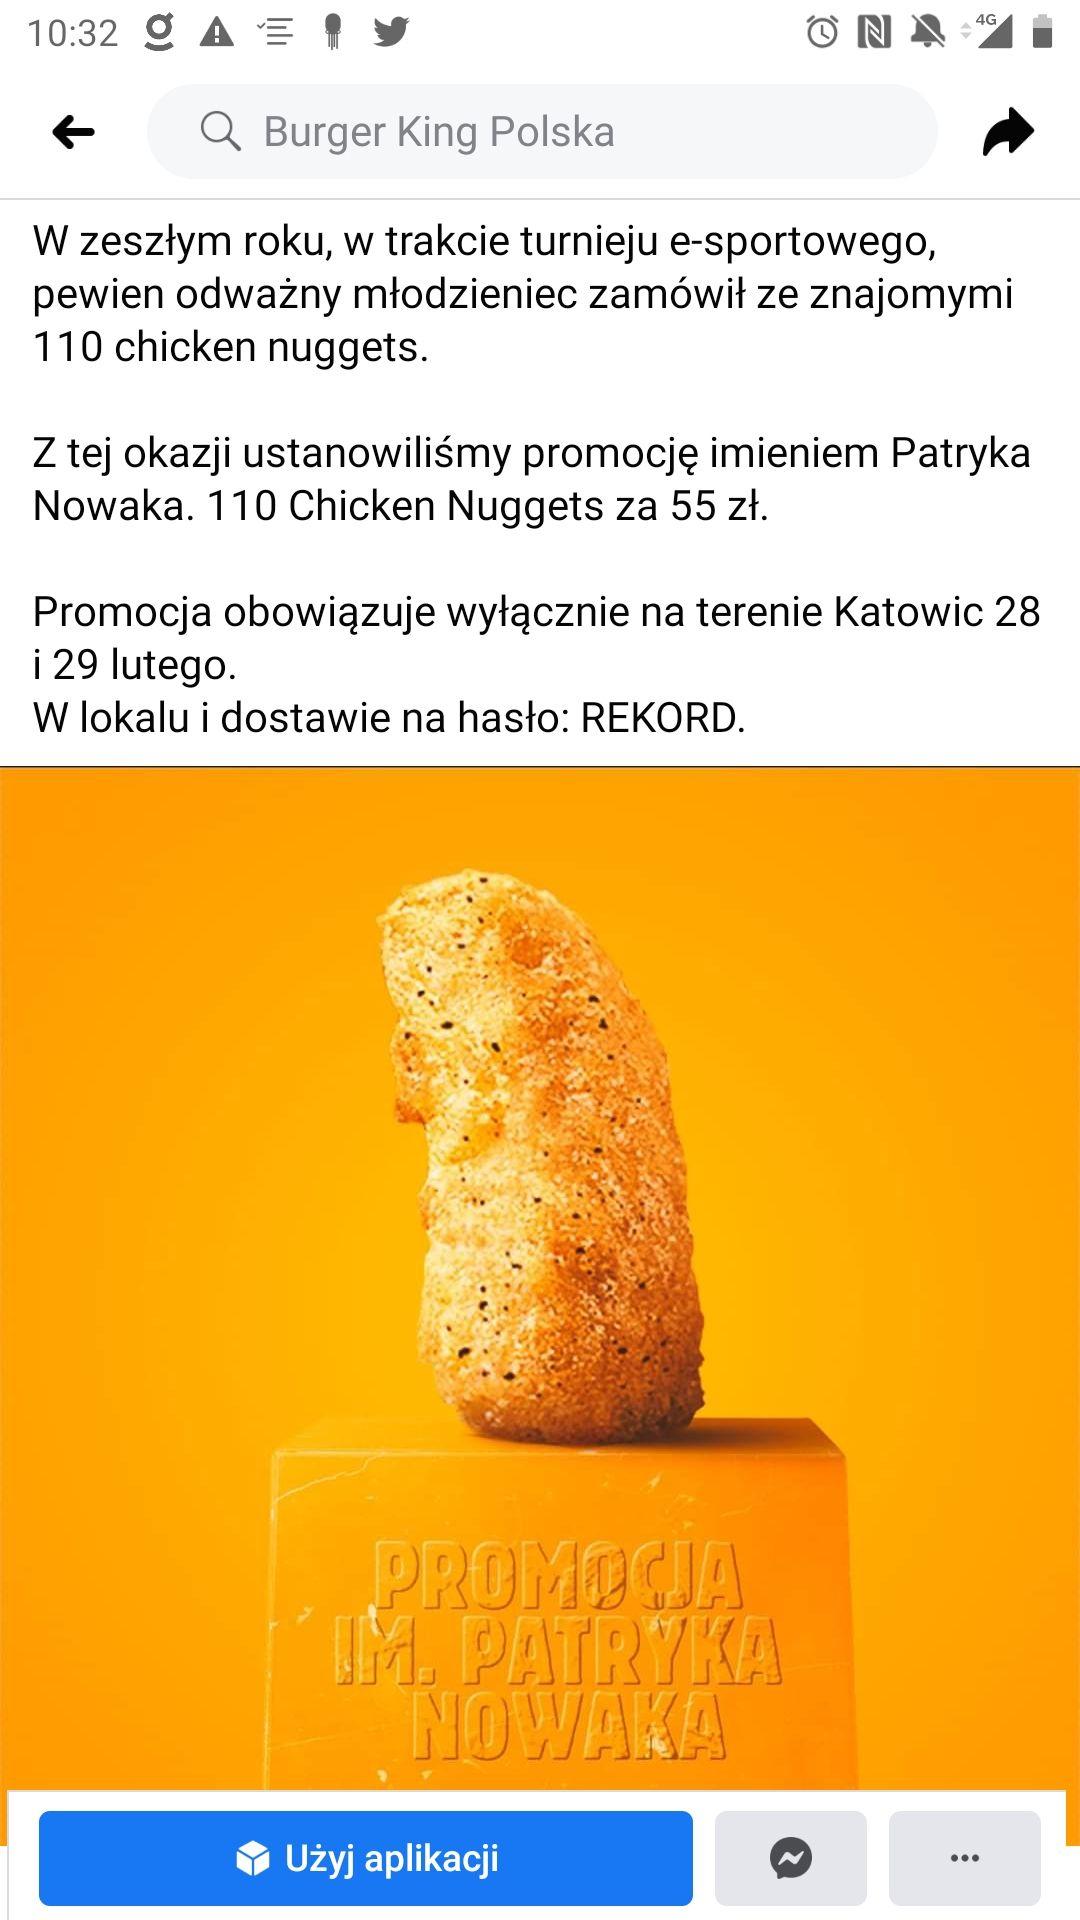 Burger king 110 chicken nuggets za 55 zł. KATOWICE smacznego